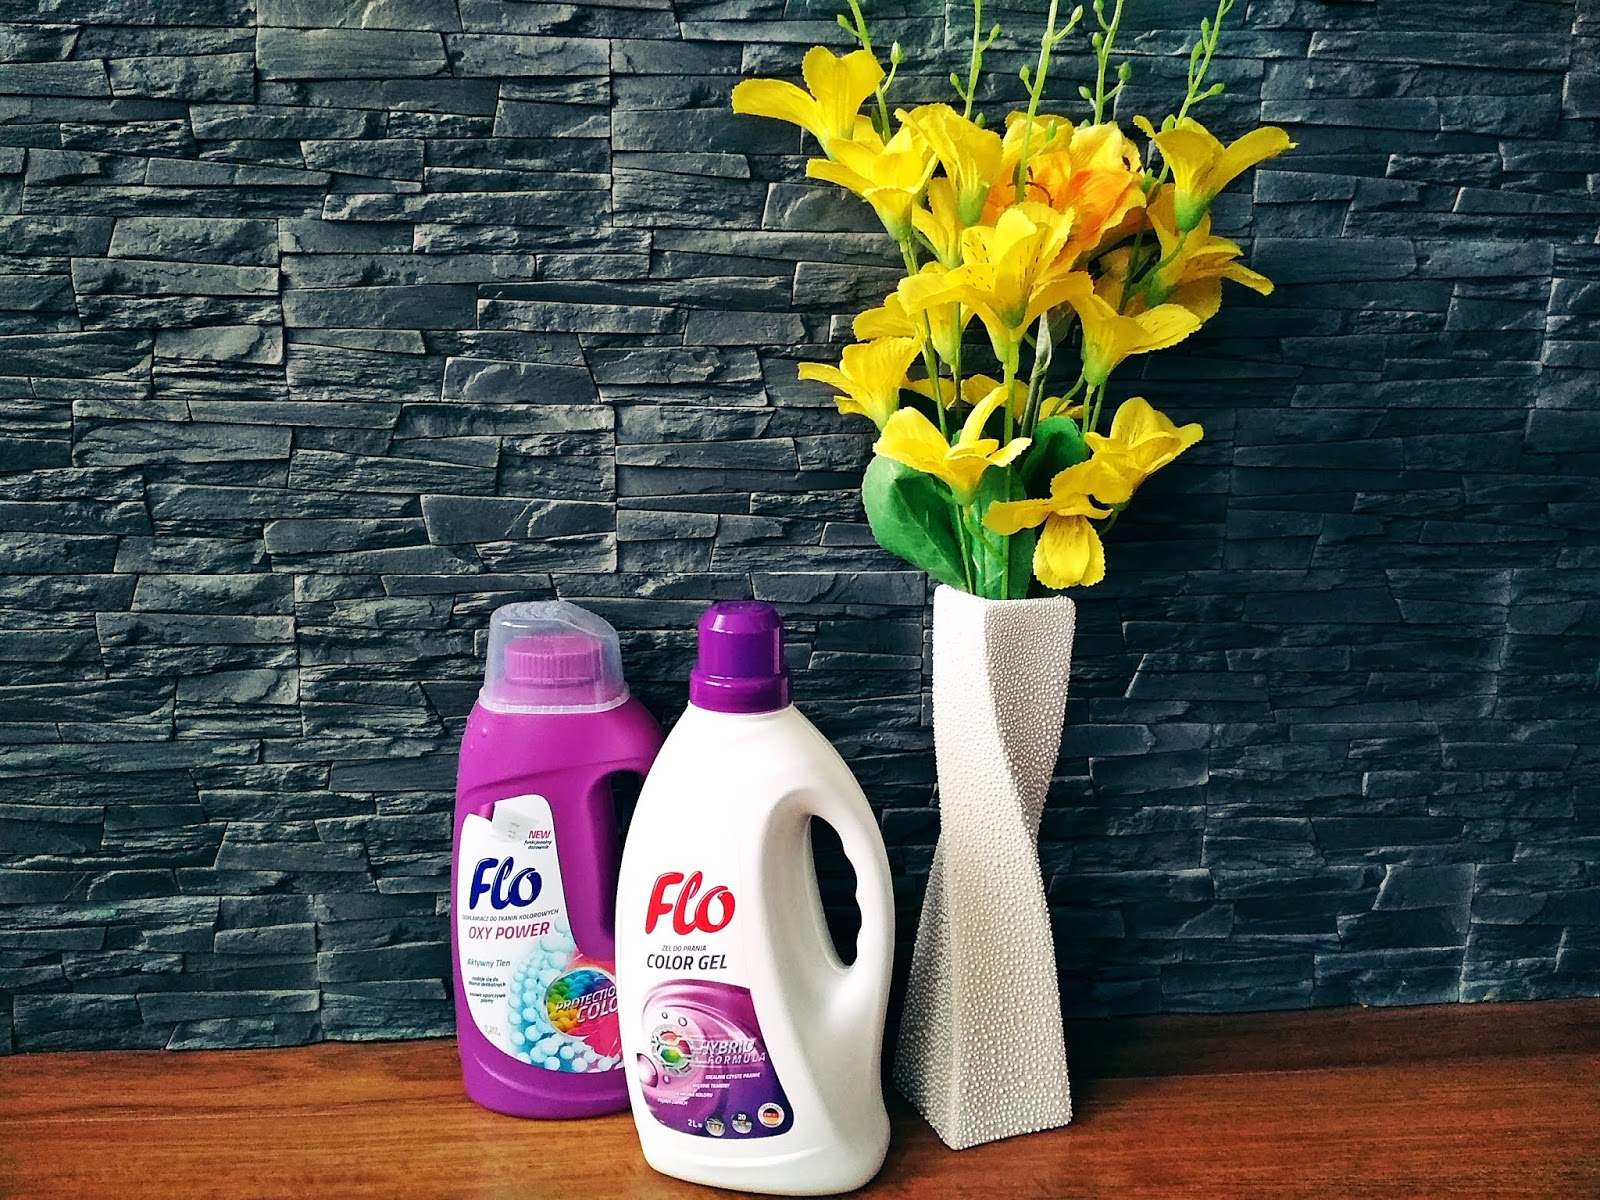 Żel do prania | Odplamiacz do tkanin kolorowych | FLO